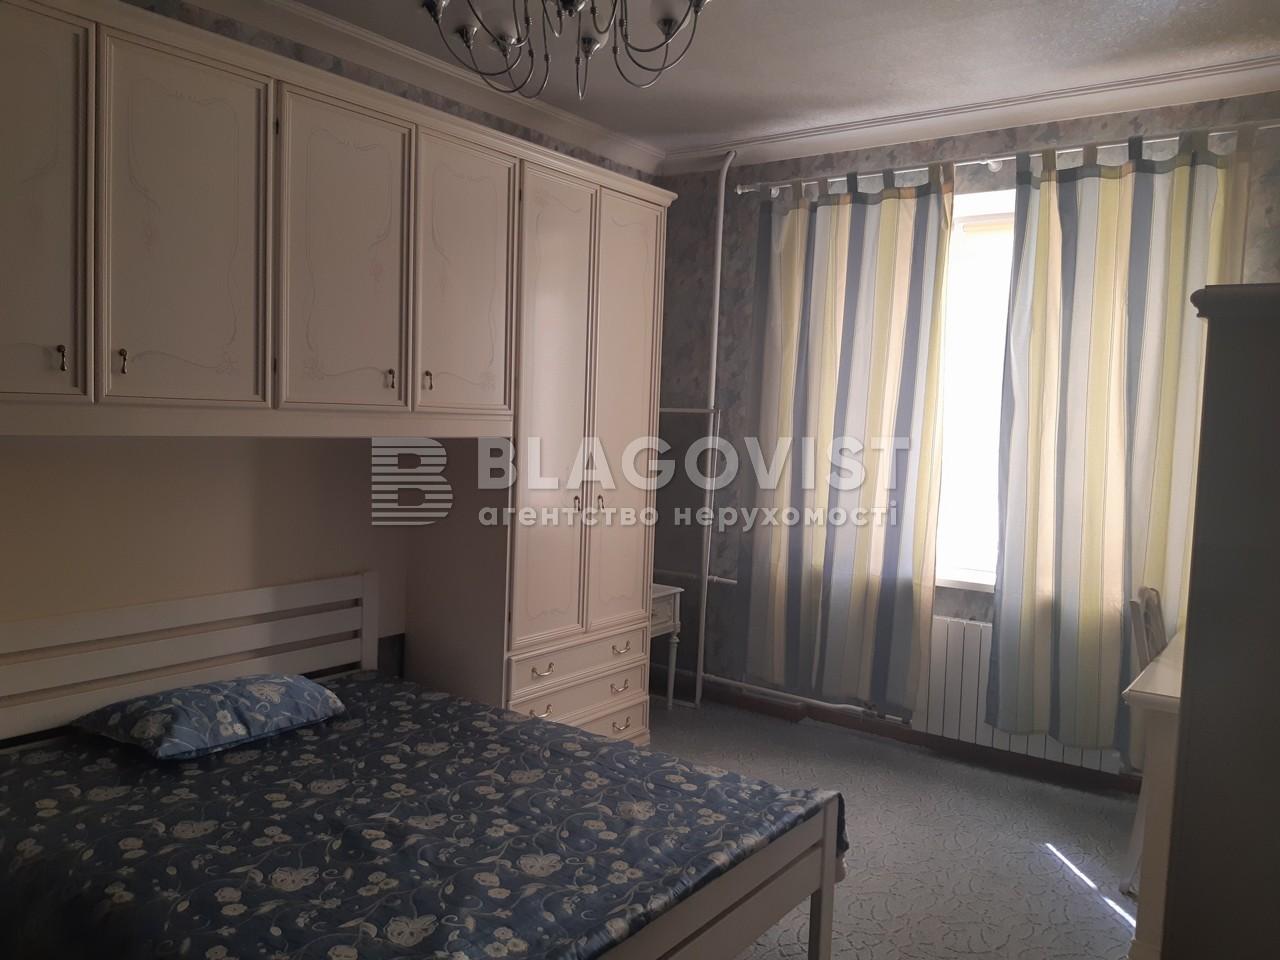 Квартира C-48084, Мечникова, 10/2, Киев - Фото 22